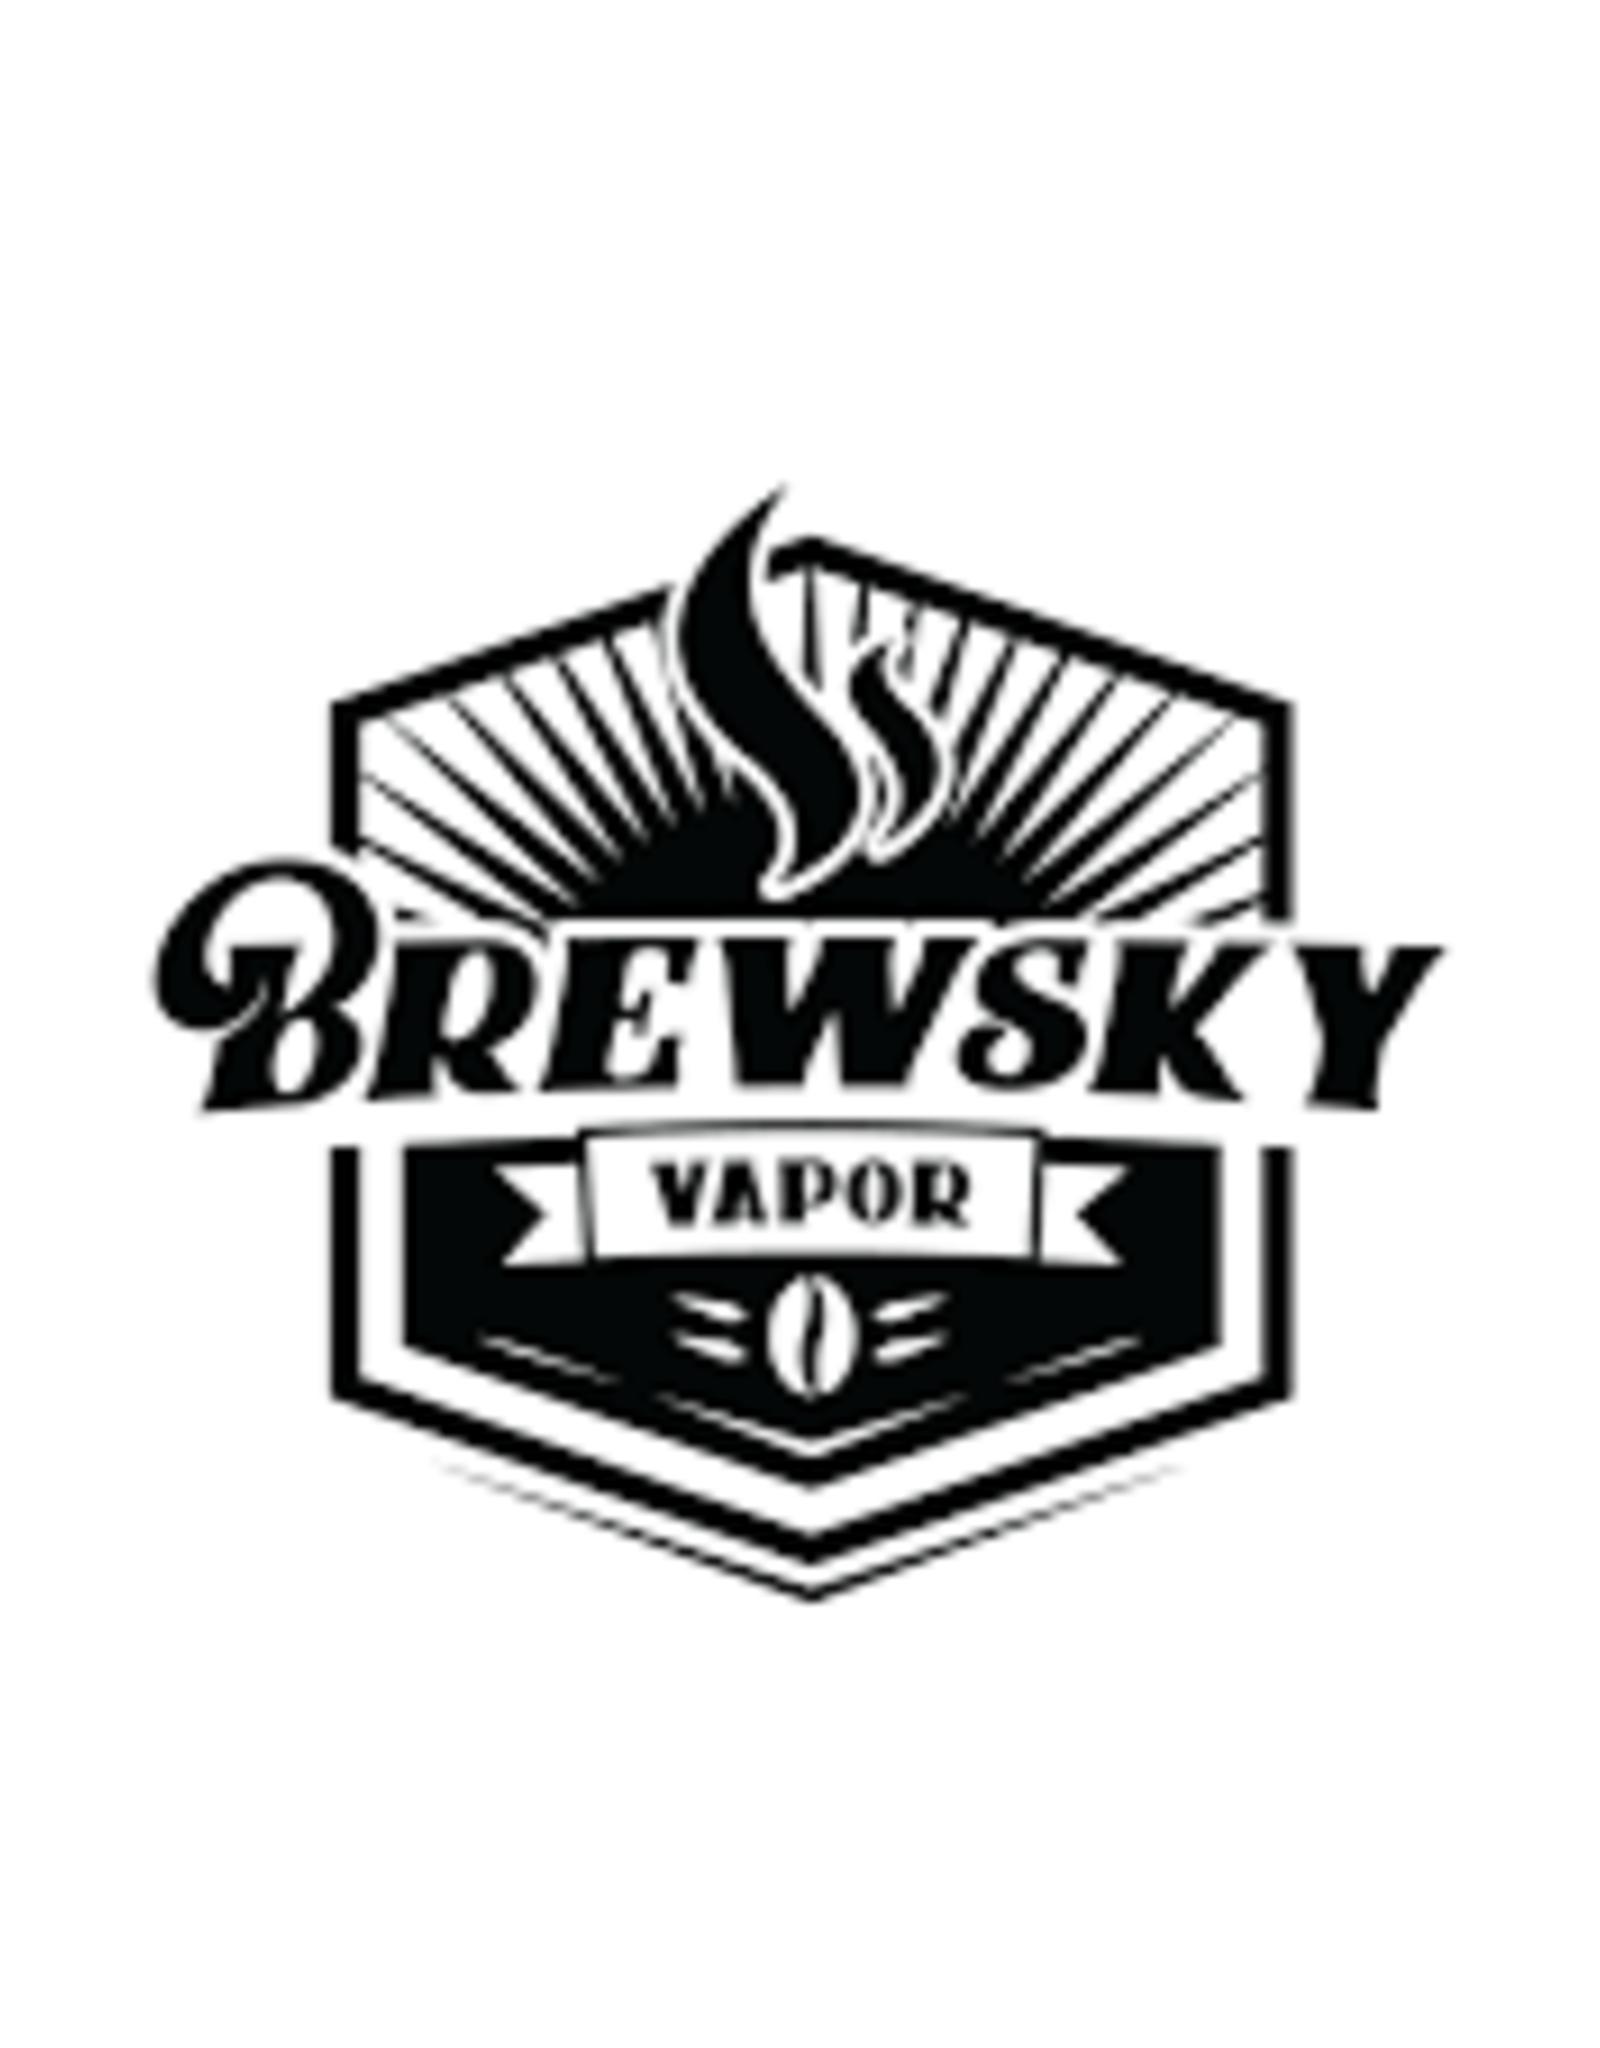 Brewsky Brewsky Vapor